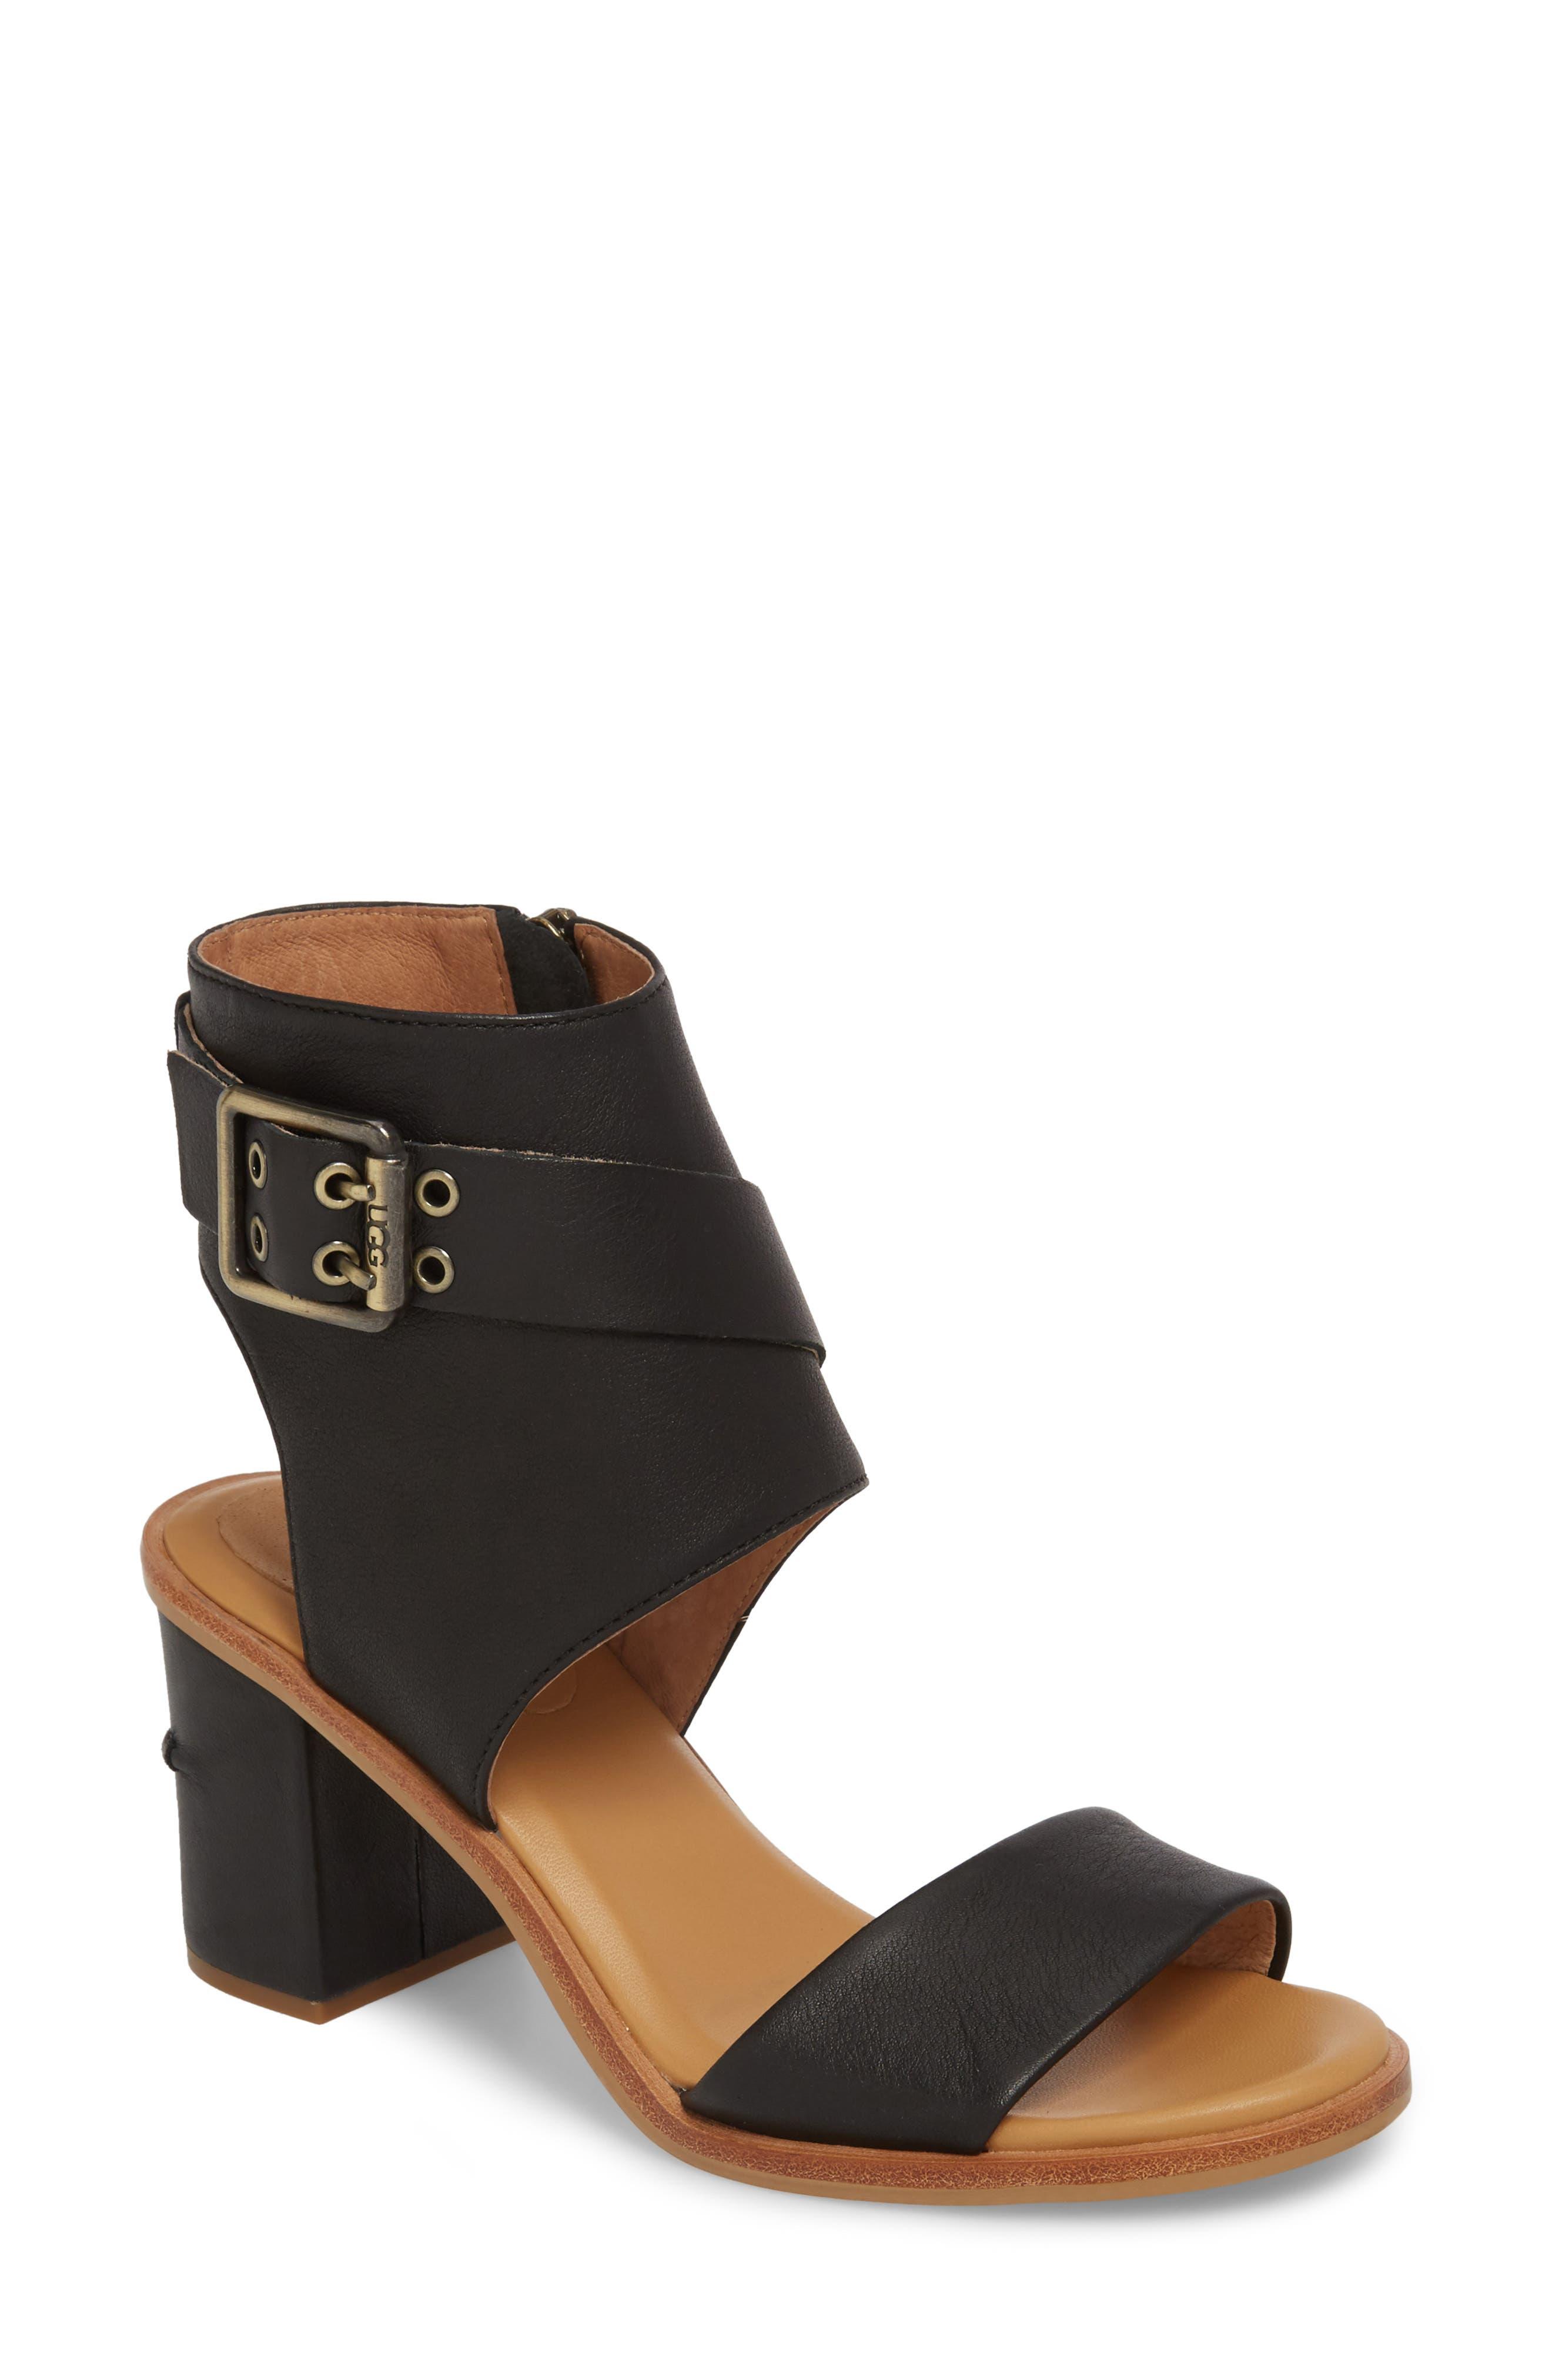 Ugg Claudette Cuff Sandal- Black